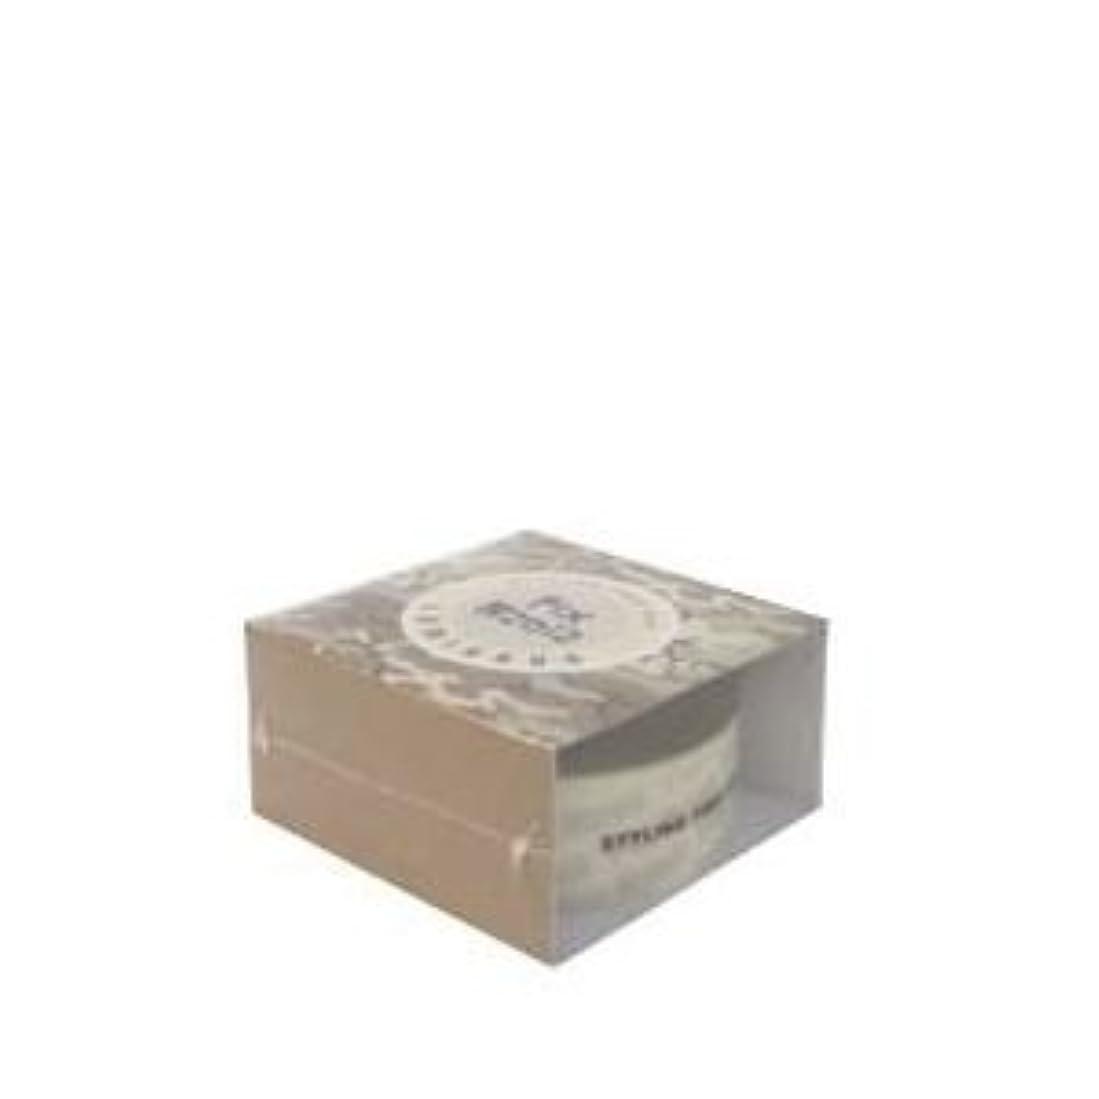 食用激しいおいしいイリヤコスメティクス フィクスマニア ルミナス50g(スタイリングワックス)